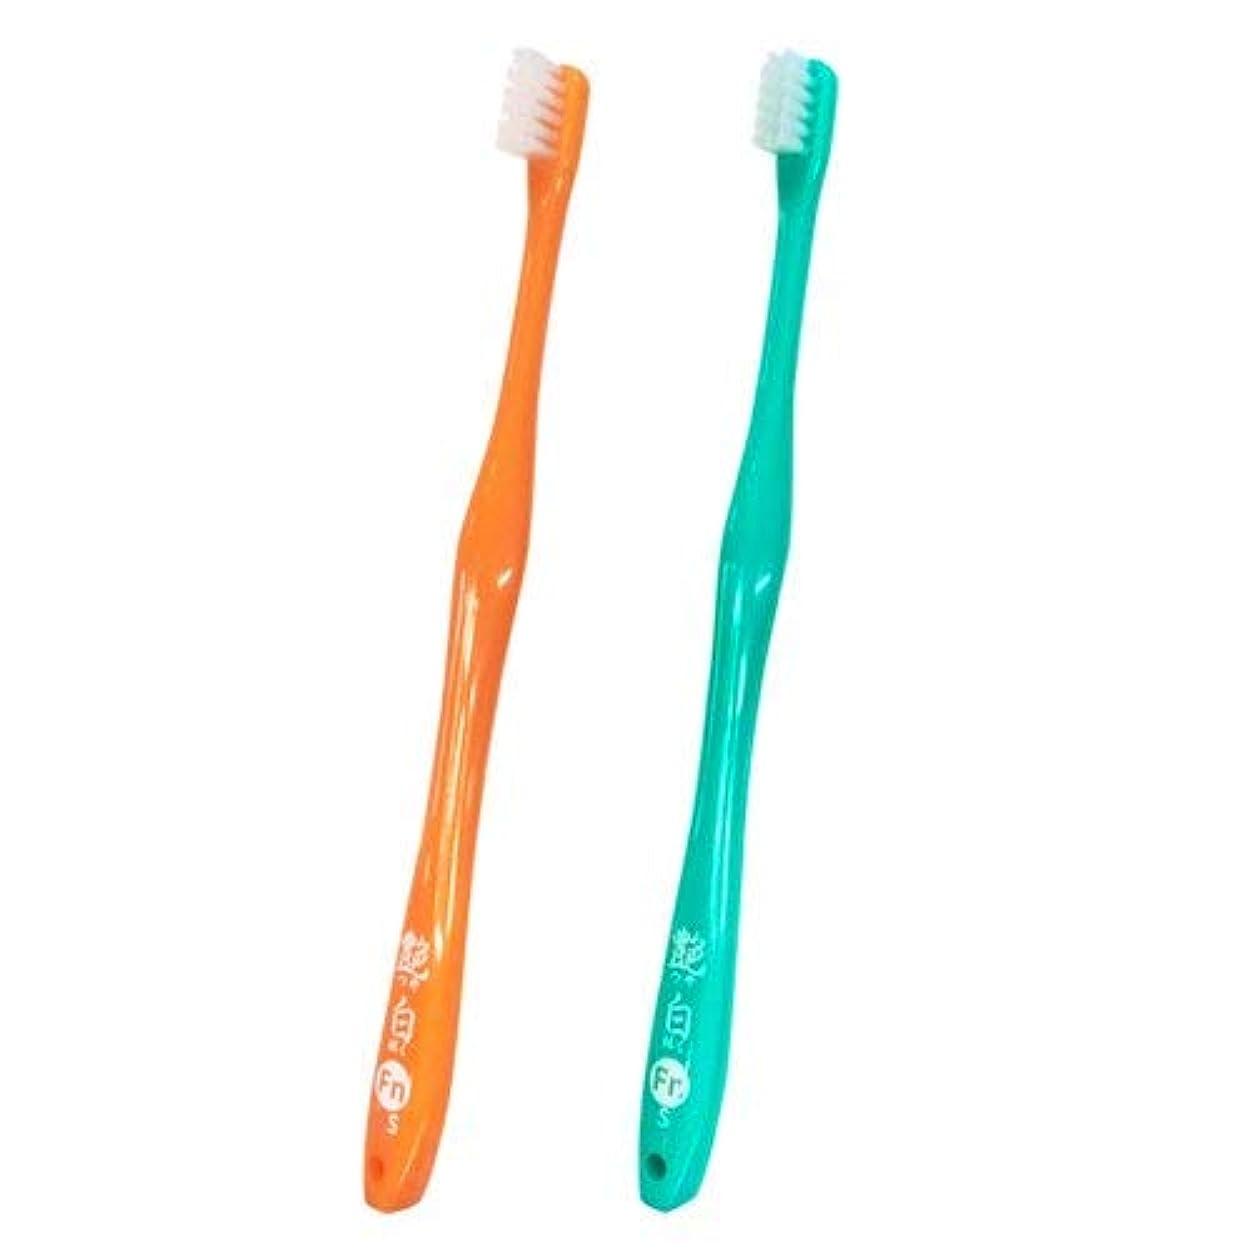 艶白(つやはく) Fn フィニッシュ 仕上げ用 歯ブラシ×10本(S)【日本製】